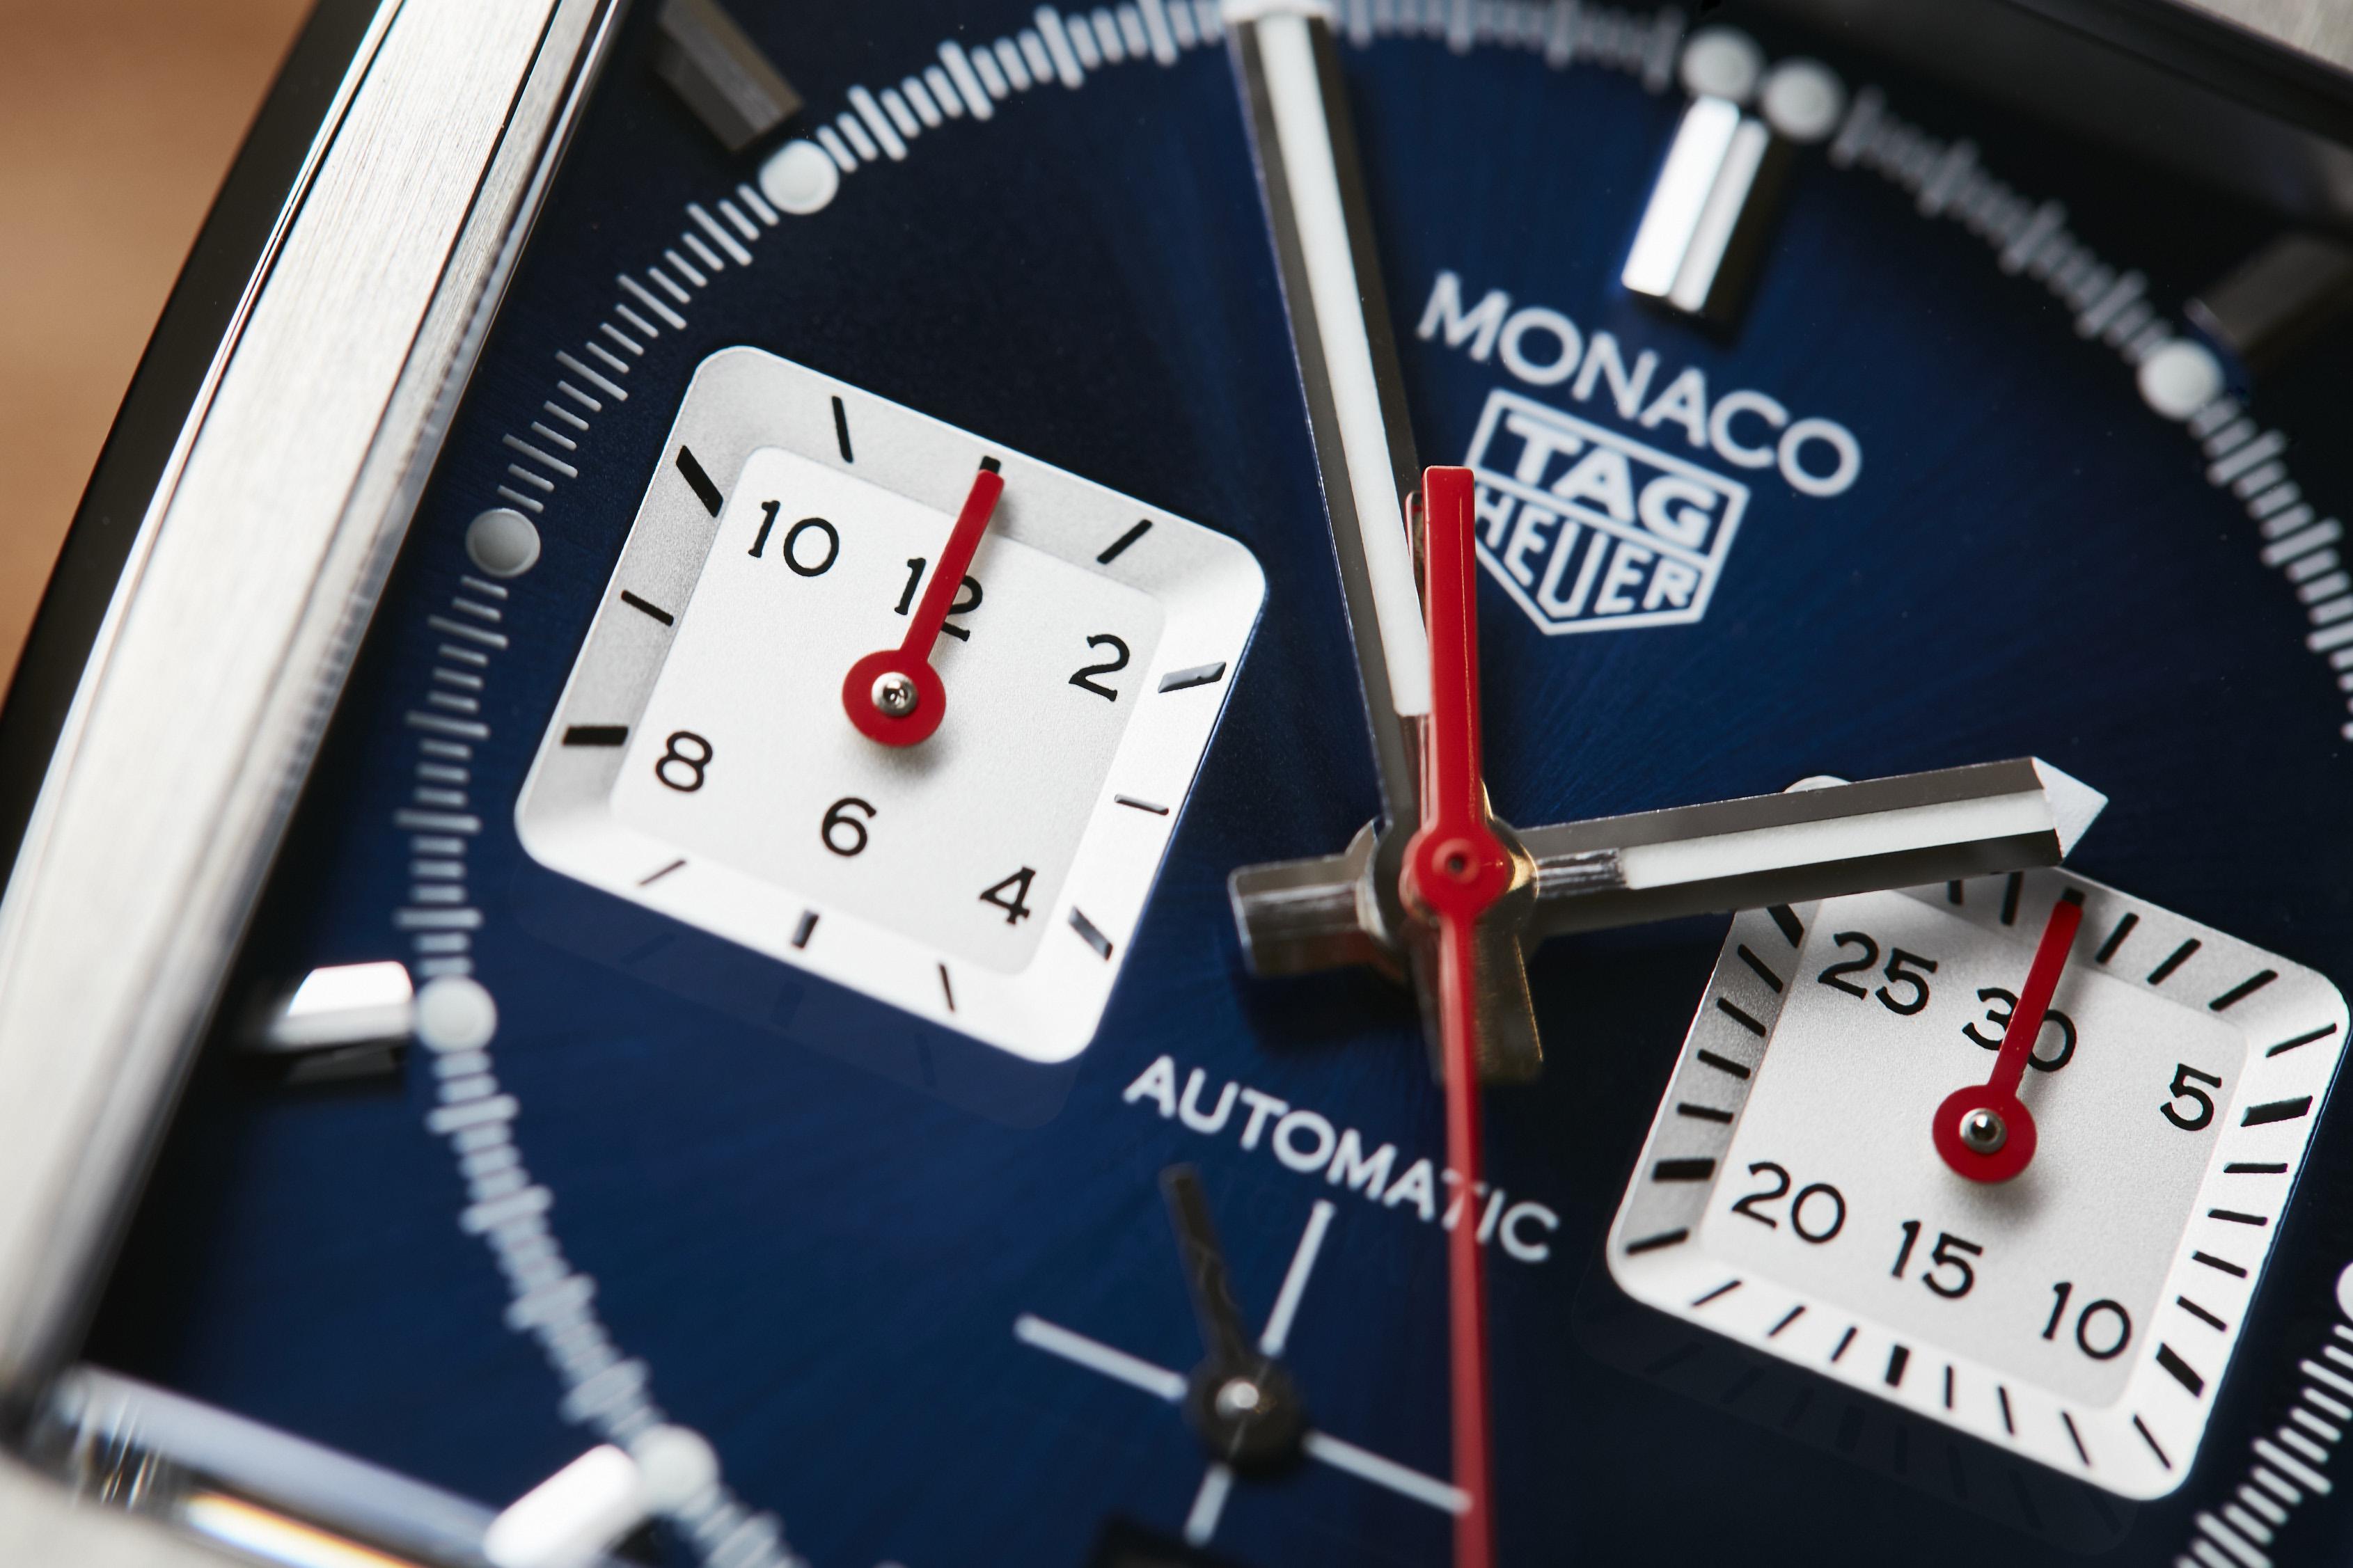 Tag Heuer Monaco Calibre Heuer 02